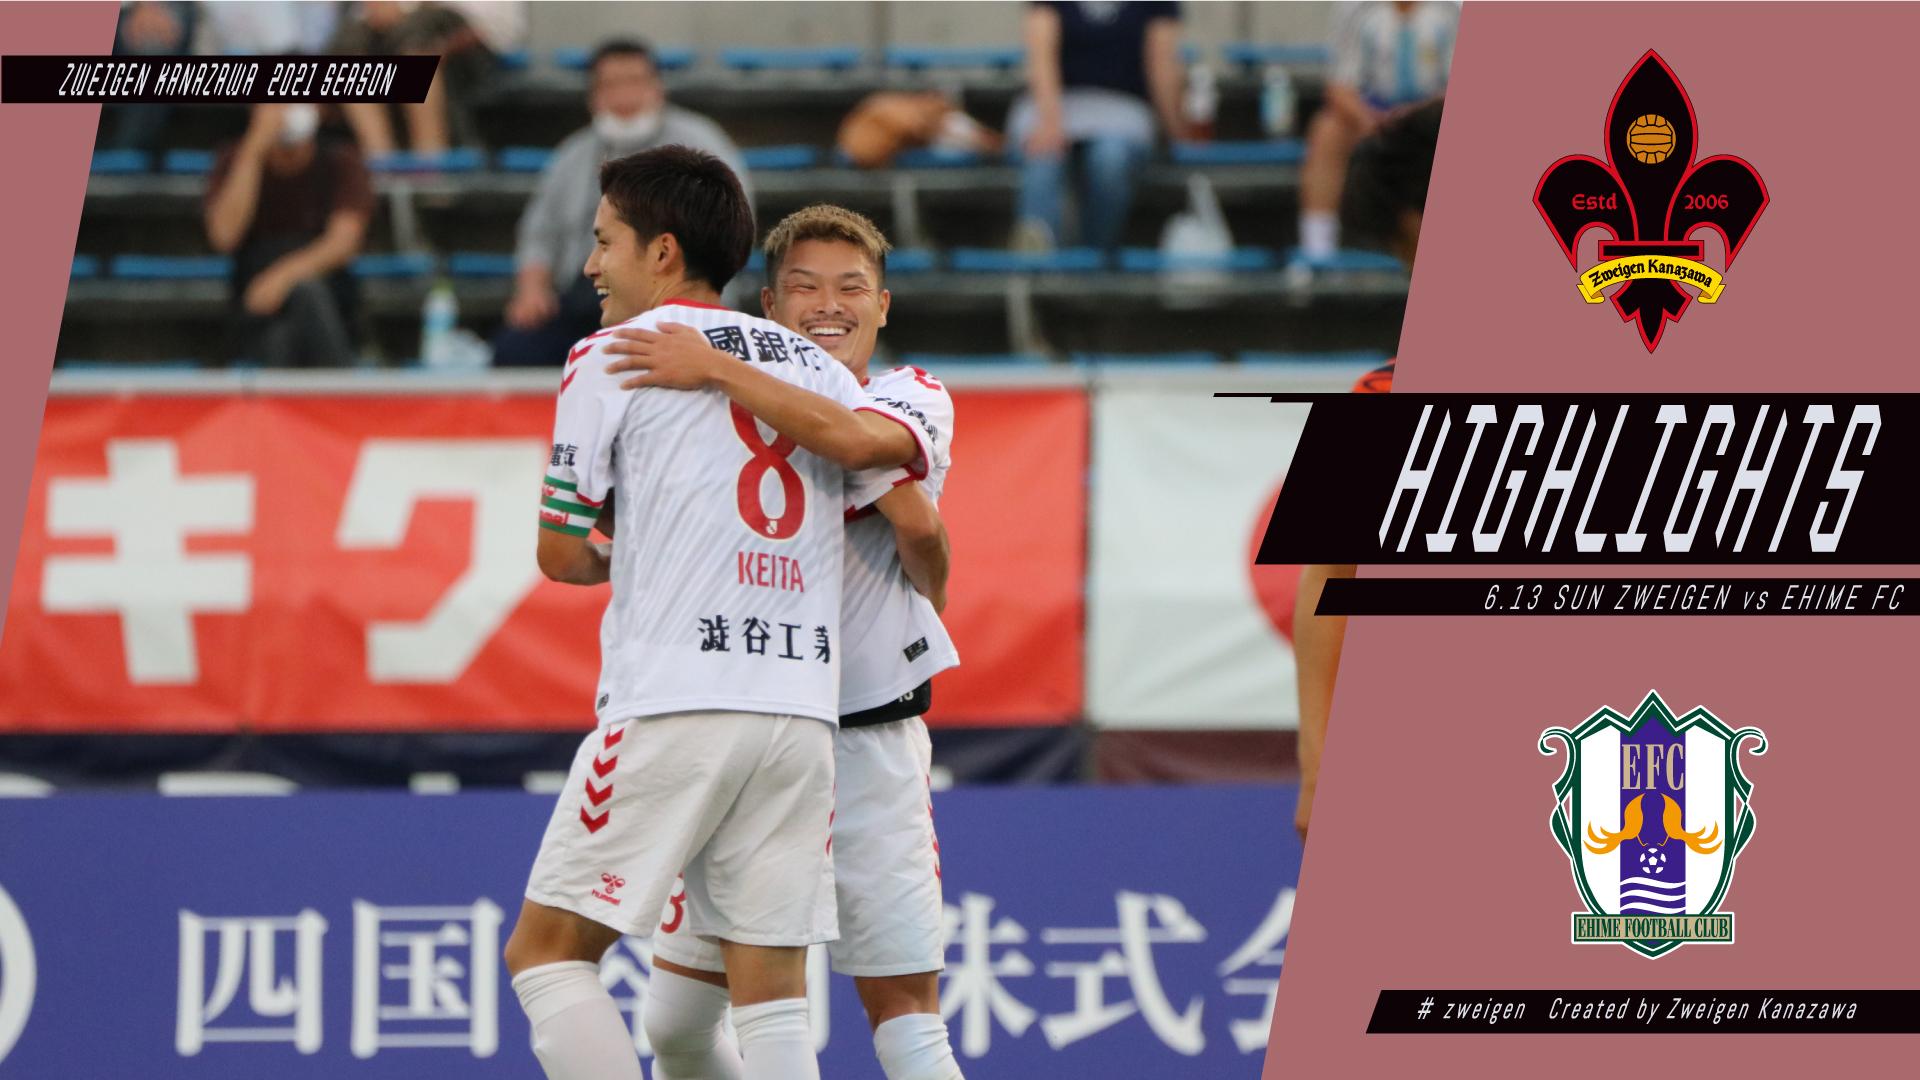 【公式】ハイライト 第18節 愛媛FC vs ツエーゲン金沢